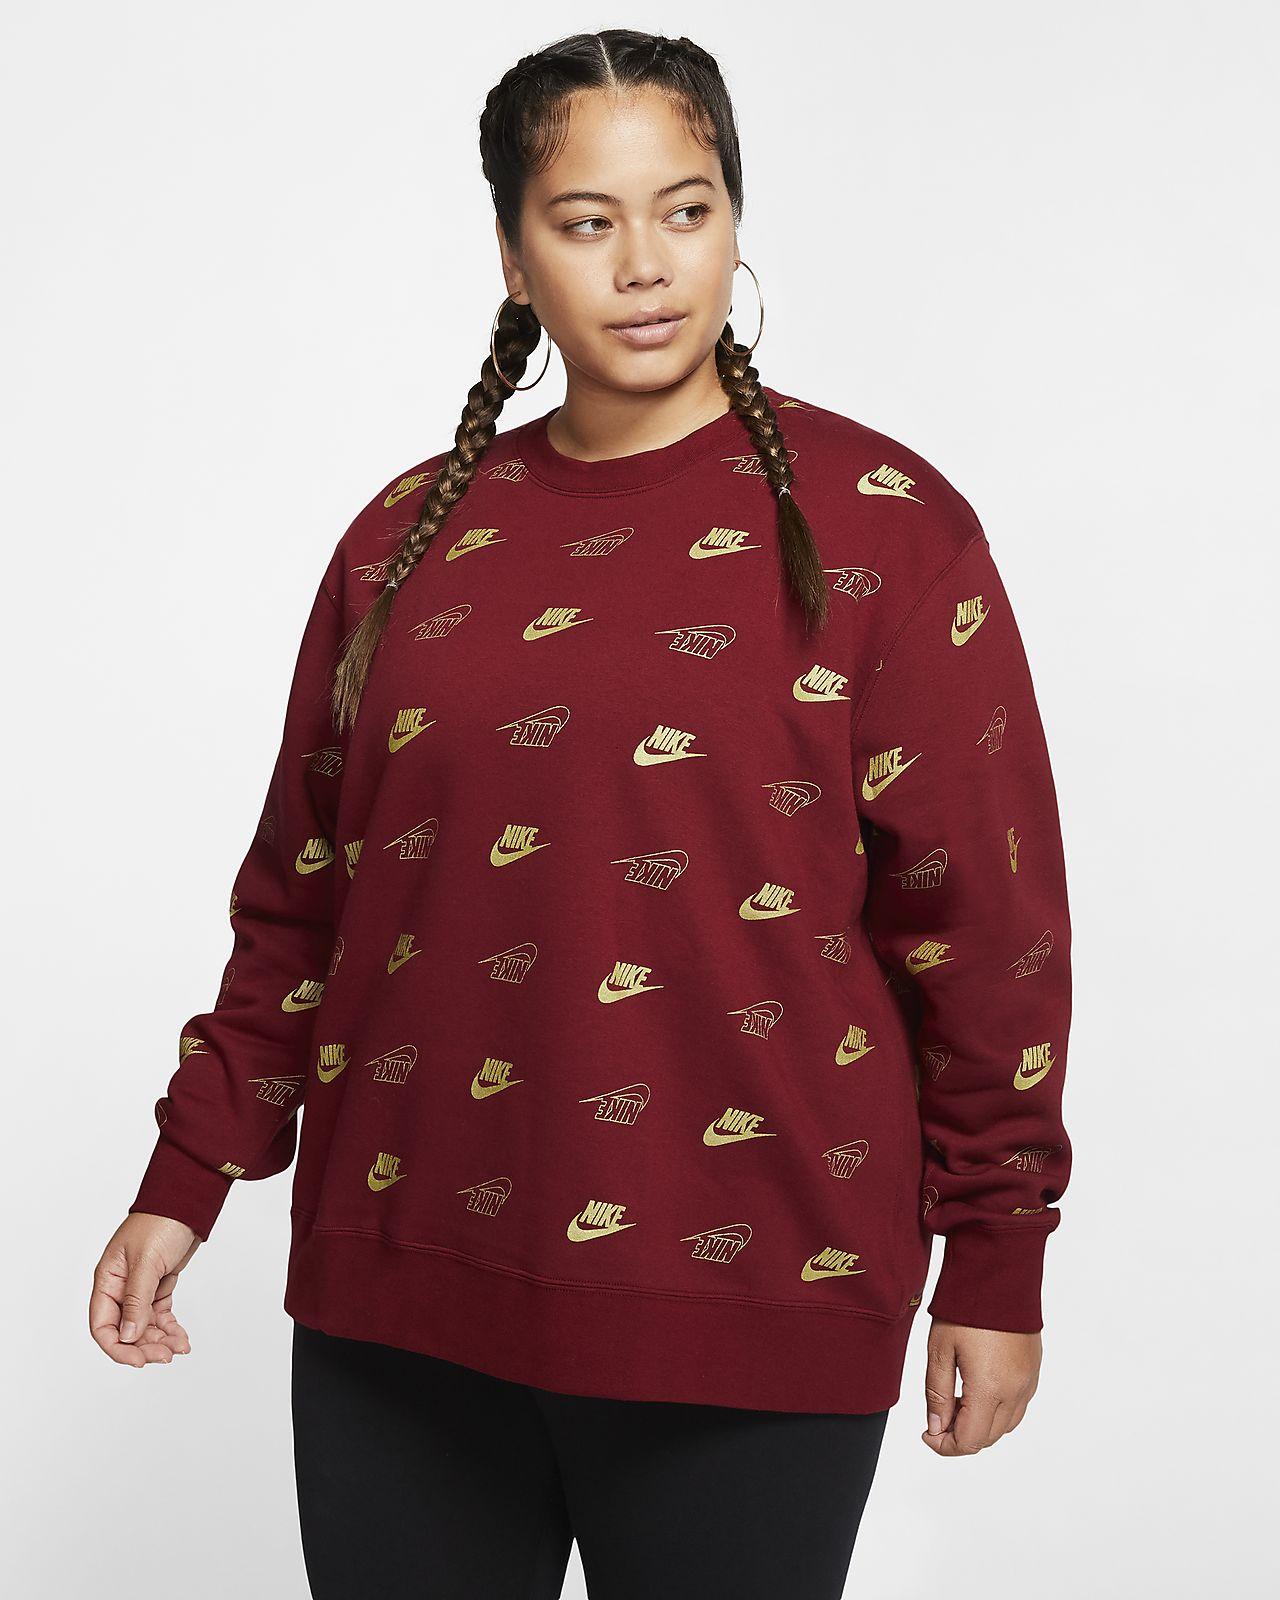 Damska bluza z dzianiny Nike Sportswear (duże rozmiary)